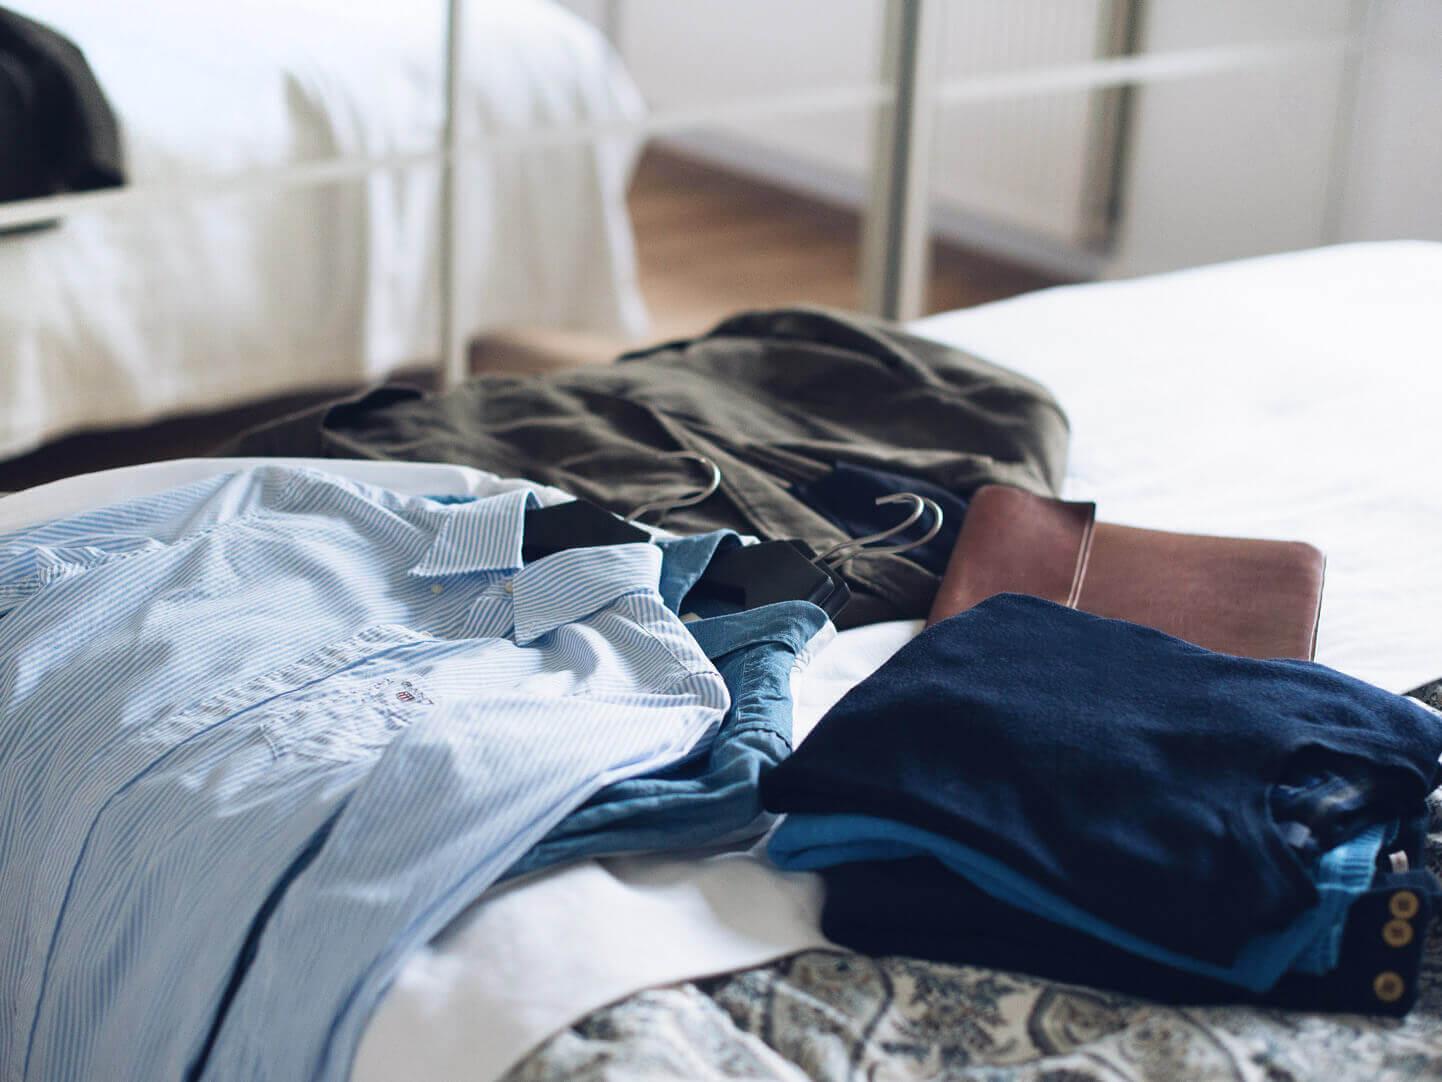 f11df359 Hvordan favoritter blir grunnstammen i en god garderobe | CareOfCarl.no